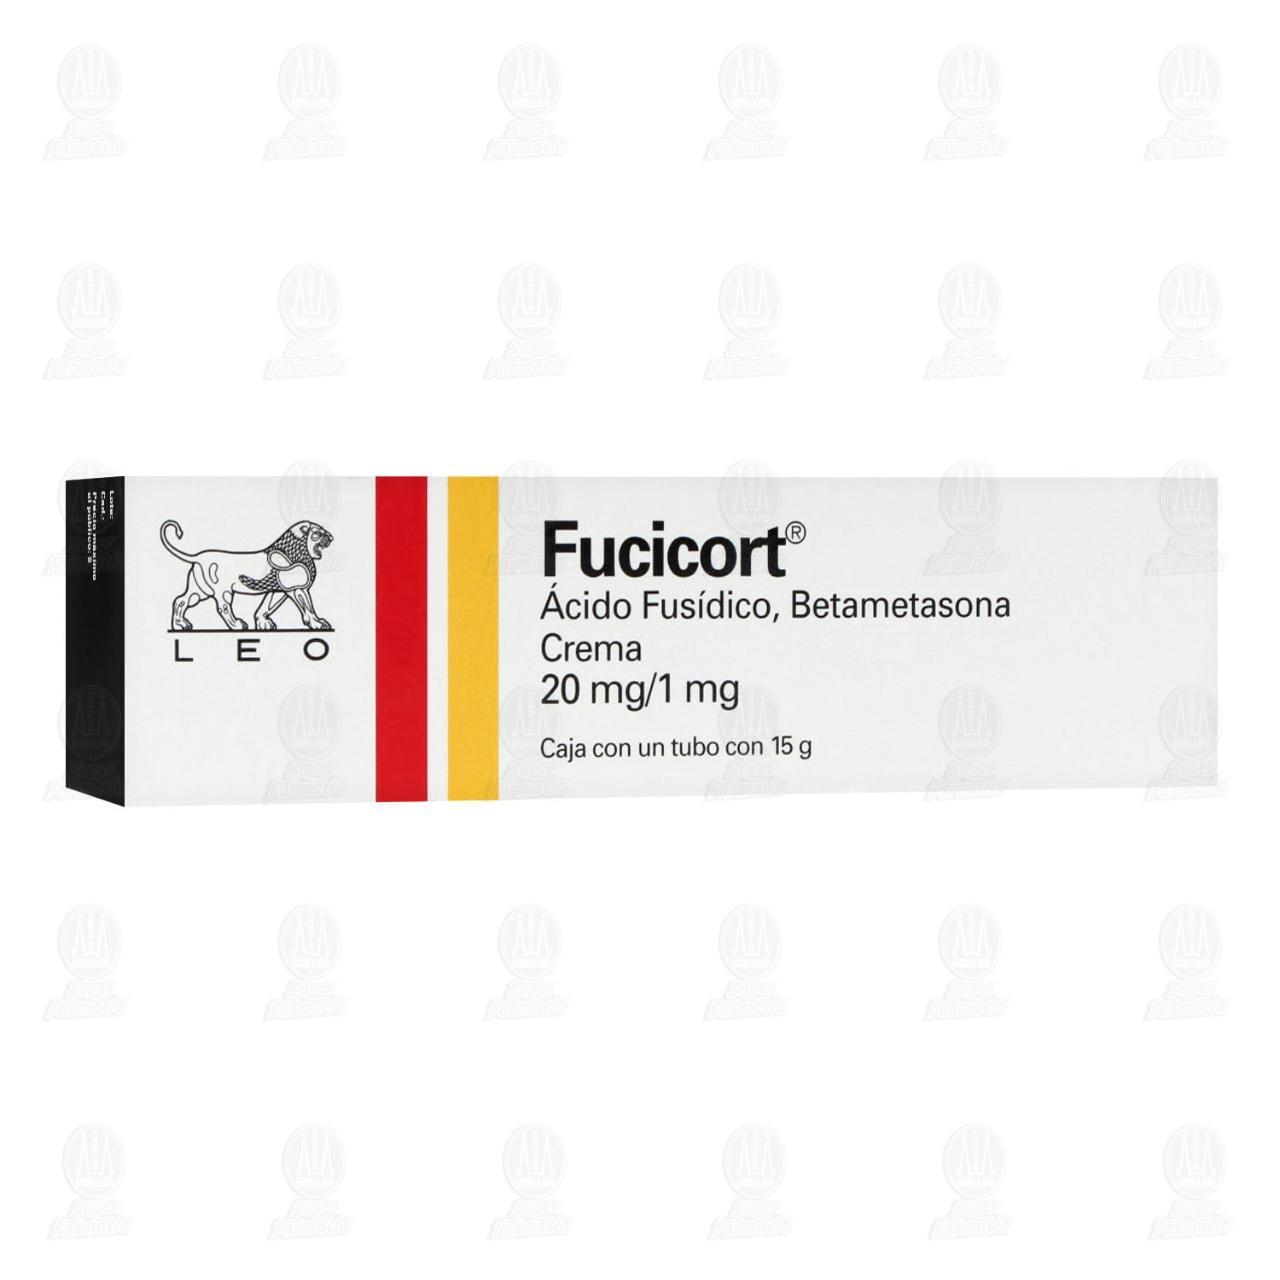 comprar https://www.movil.farmaciasguadalajara.com/wcsstore/FGCAS/wcs/products/827410_A_1280_AL.jpg en farmacias guadalajara